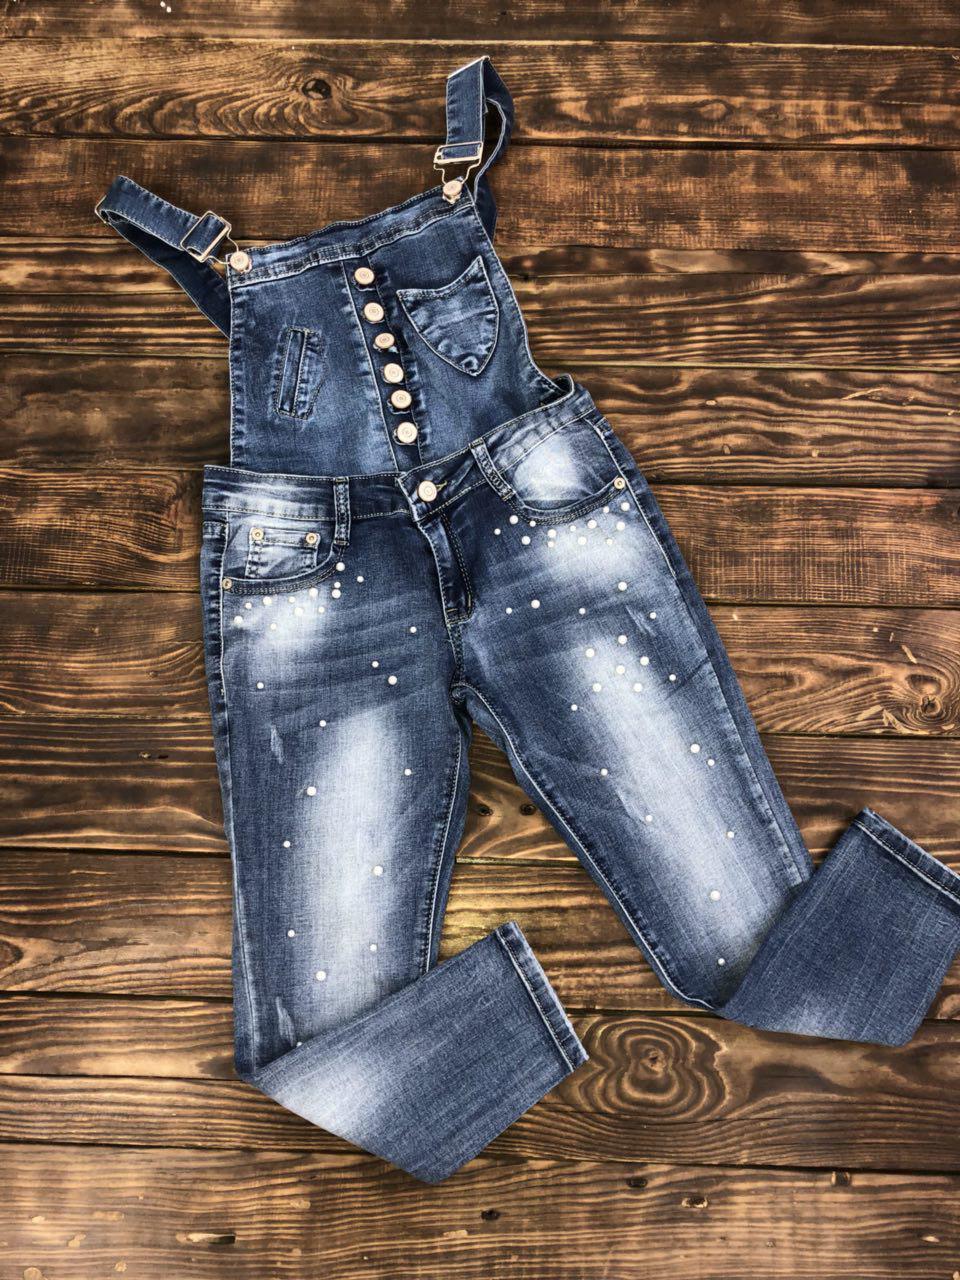 Комбінезон джинсовий з перлами(знімний верх)